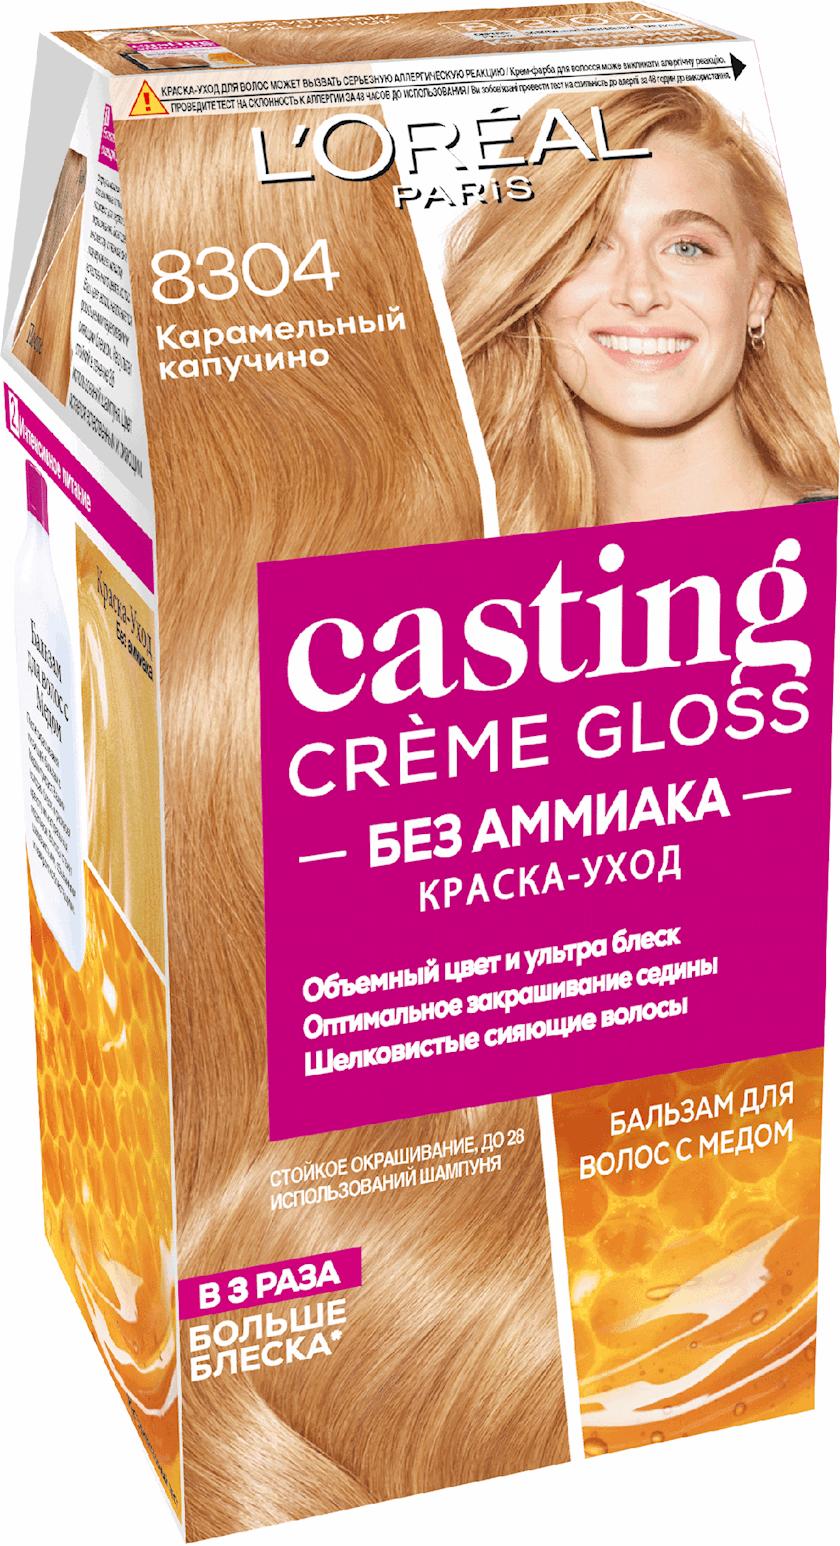 Saçlar üçün boya-qulluq L'Oréal Paris Casting Creme Gloss, çalar 8304, Karamelli kapuçino, 180 ml